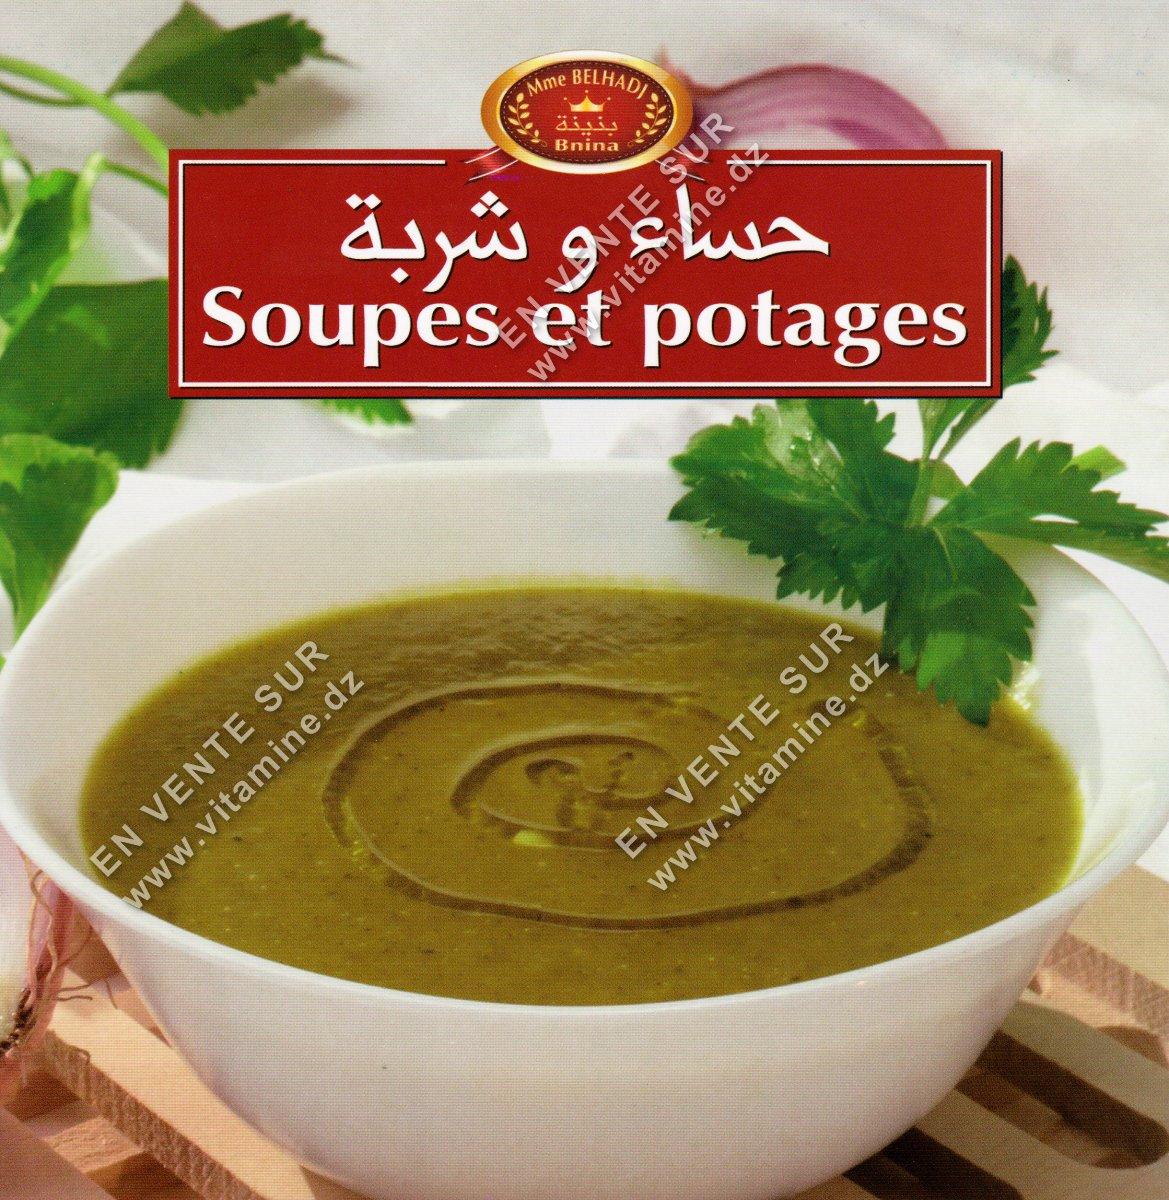 Bnina - Soupes et potages